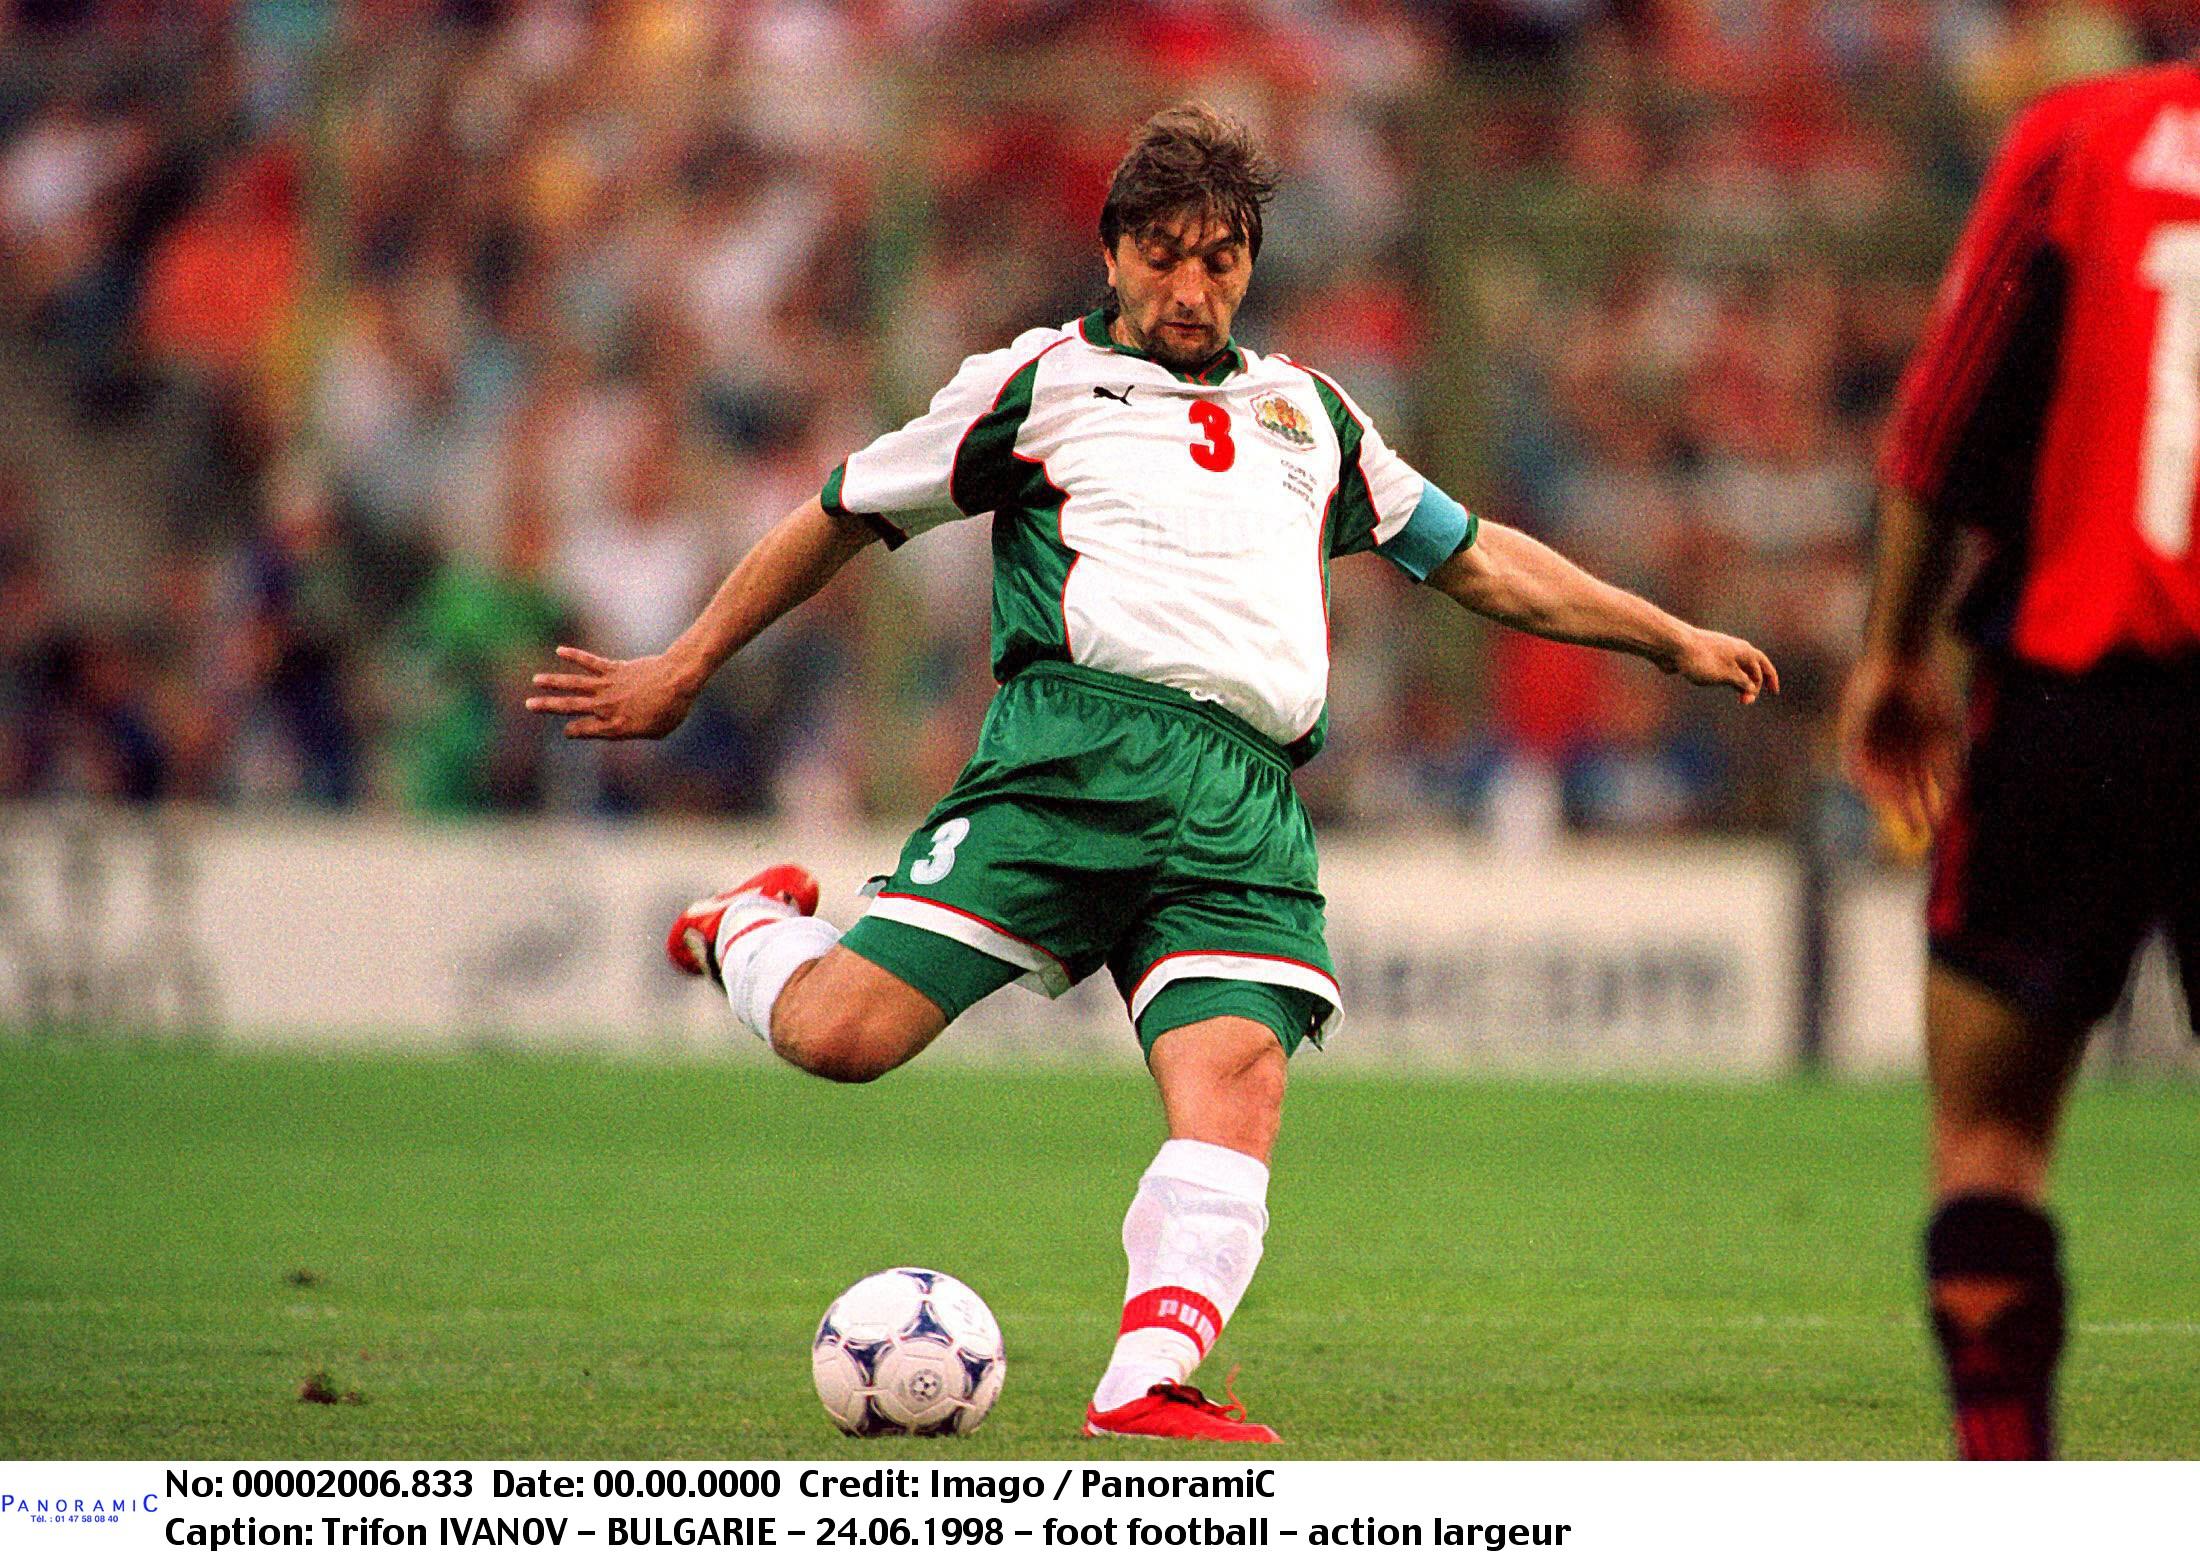 Football - Trifon Ivanov, légende du foot bulgare, est décédé